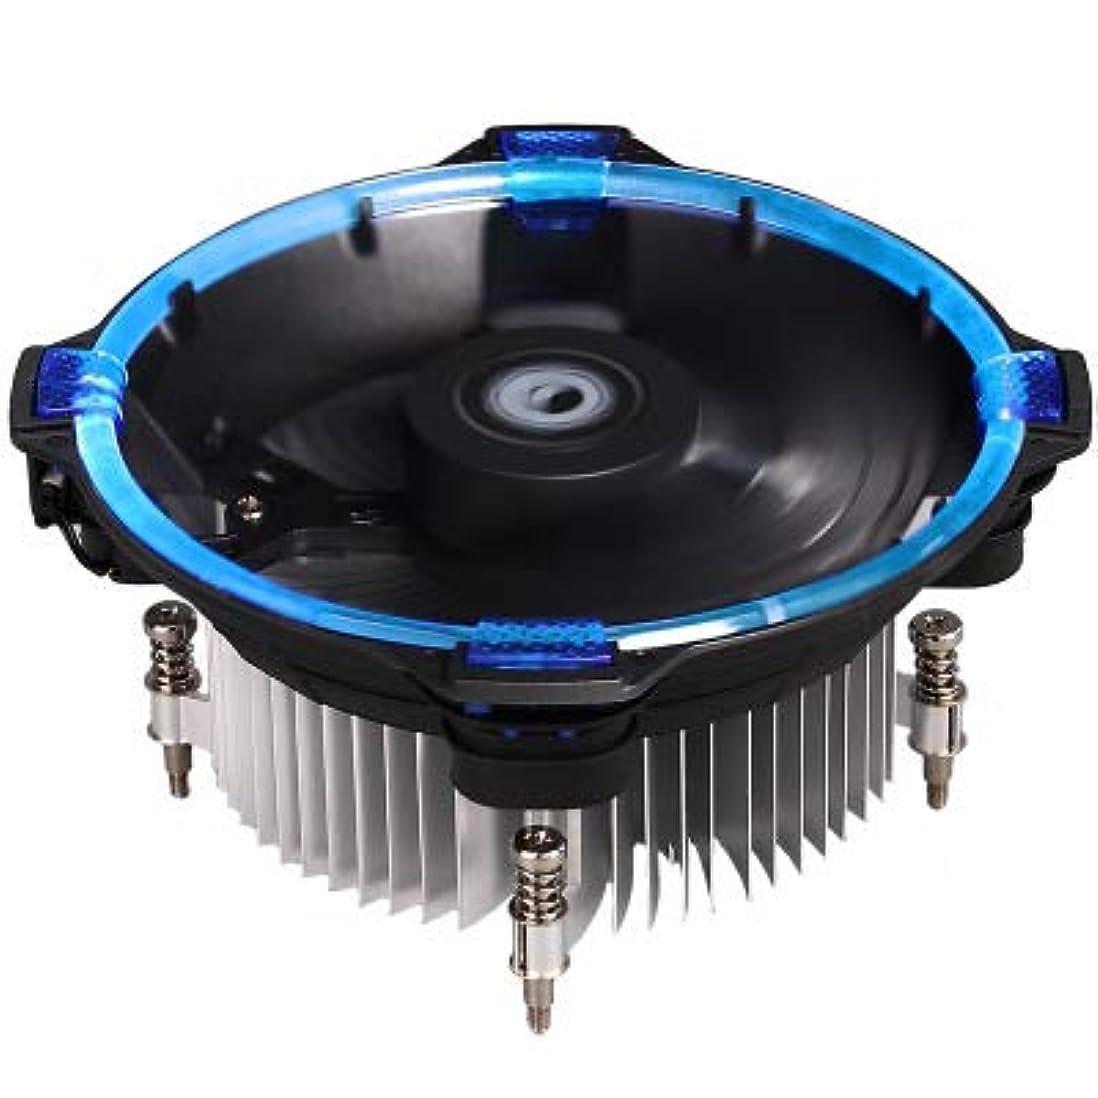 親写真のプレビスサイトCPUクーラー、扇風機ダウンミュートRGB LED CPUクーラーマスター